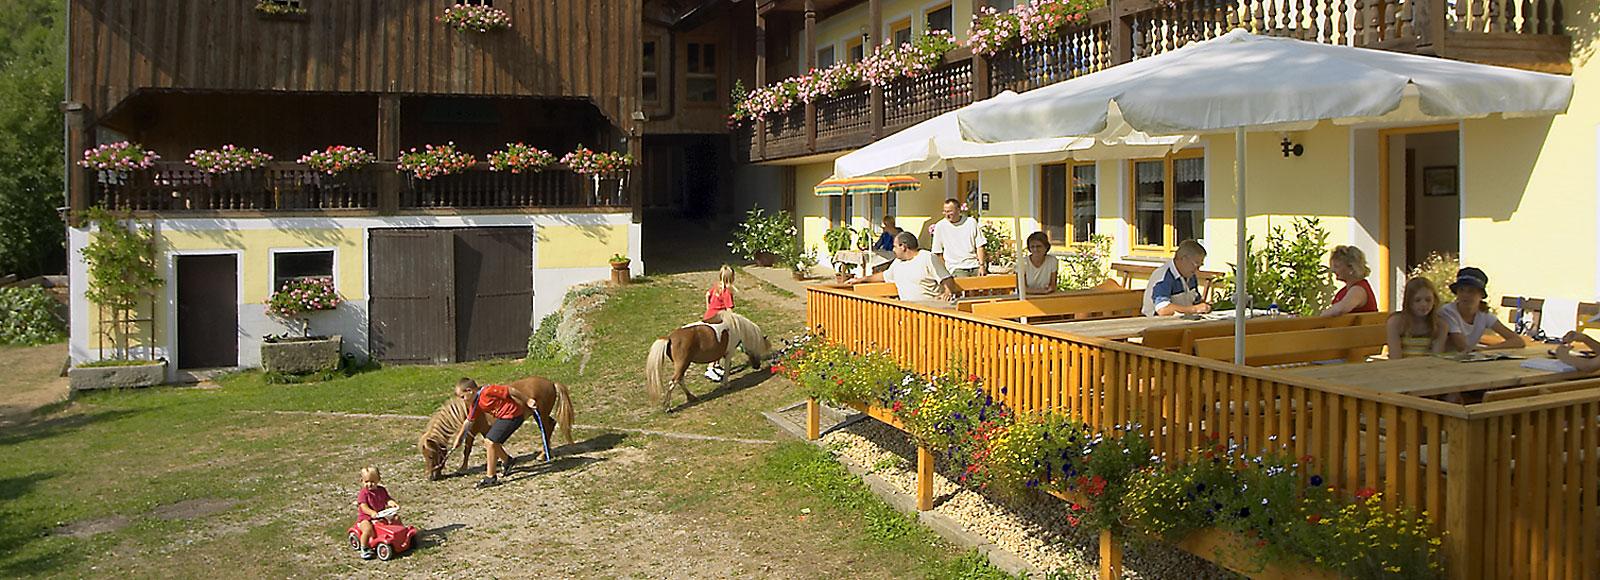 Ferienhof in Bayern - Familienurlaub